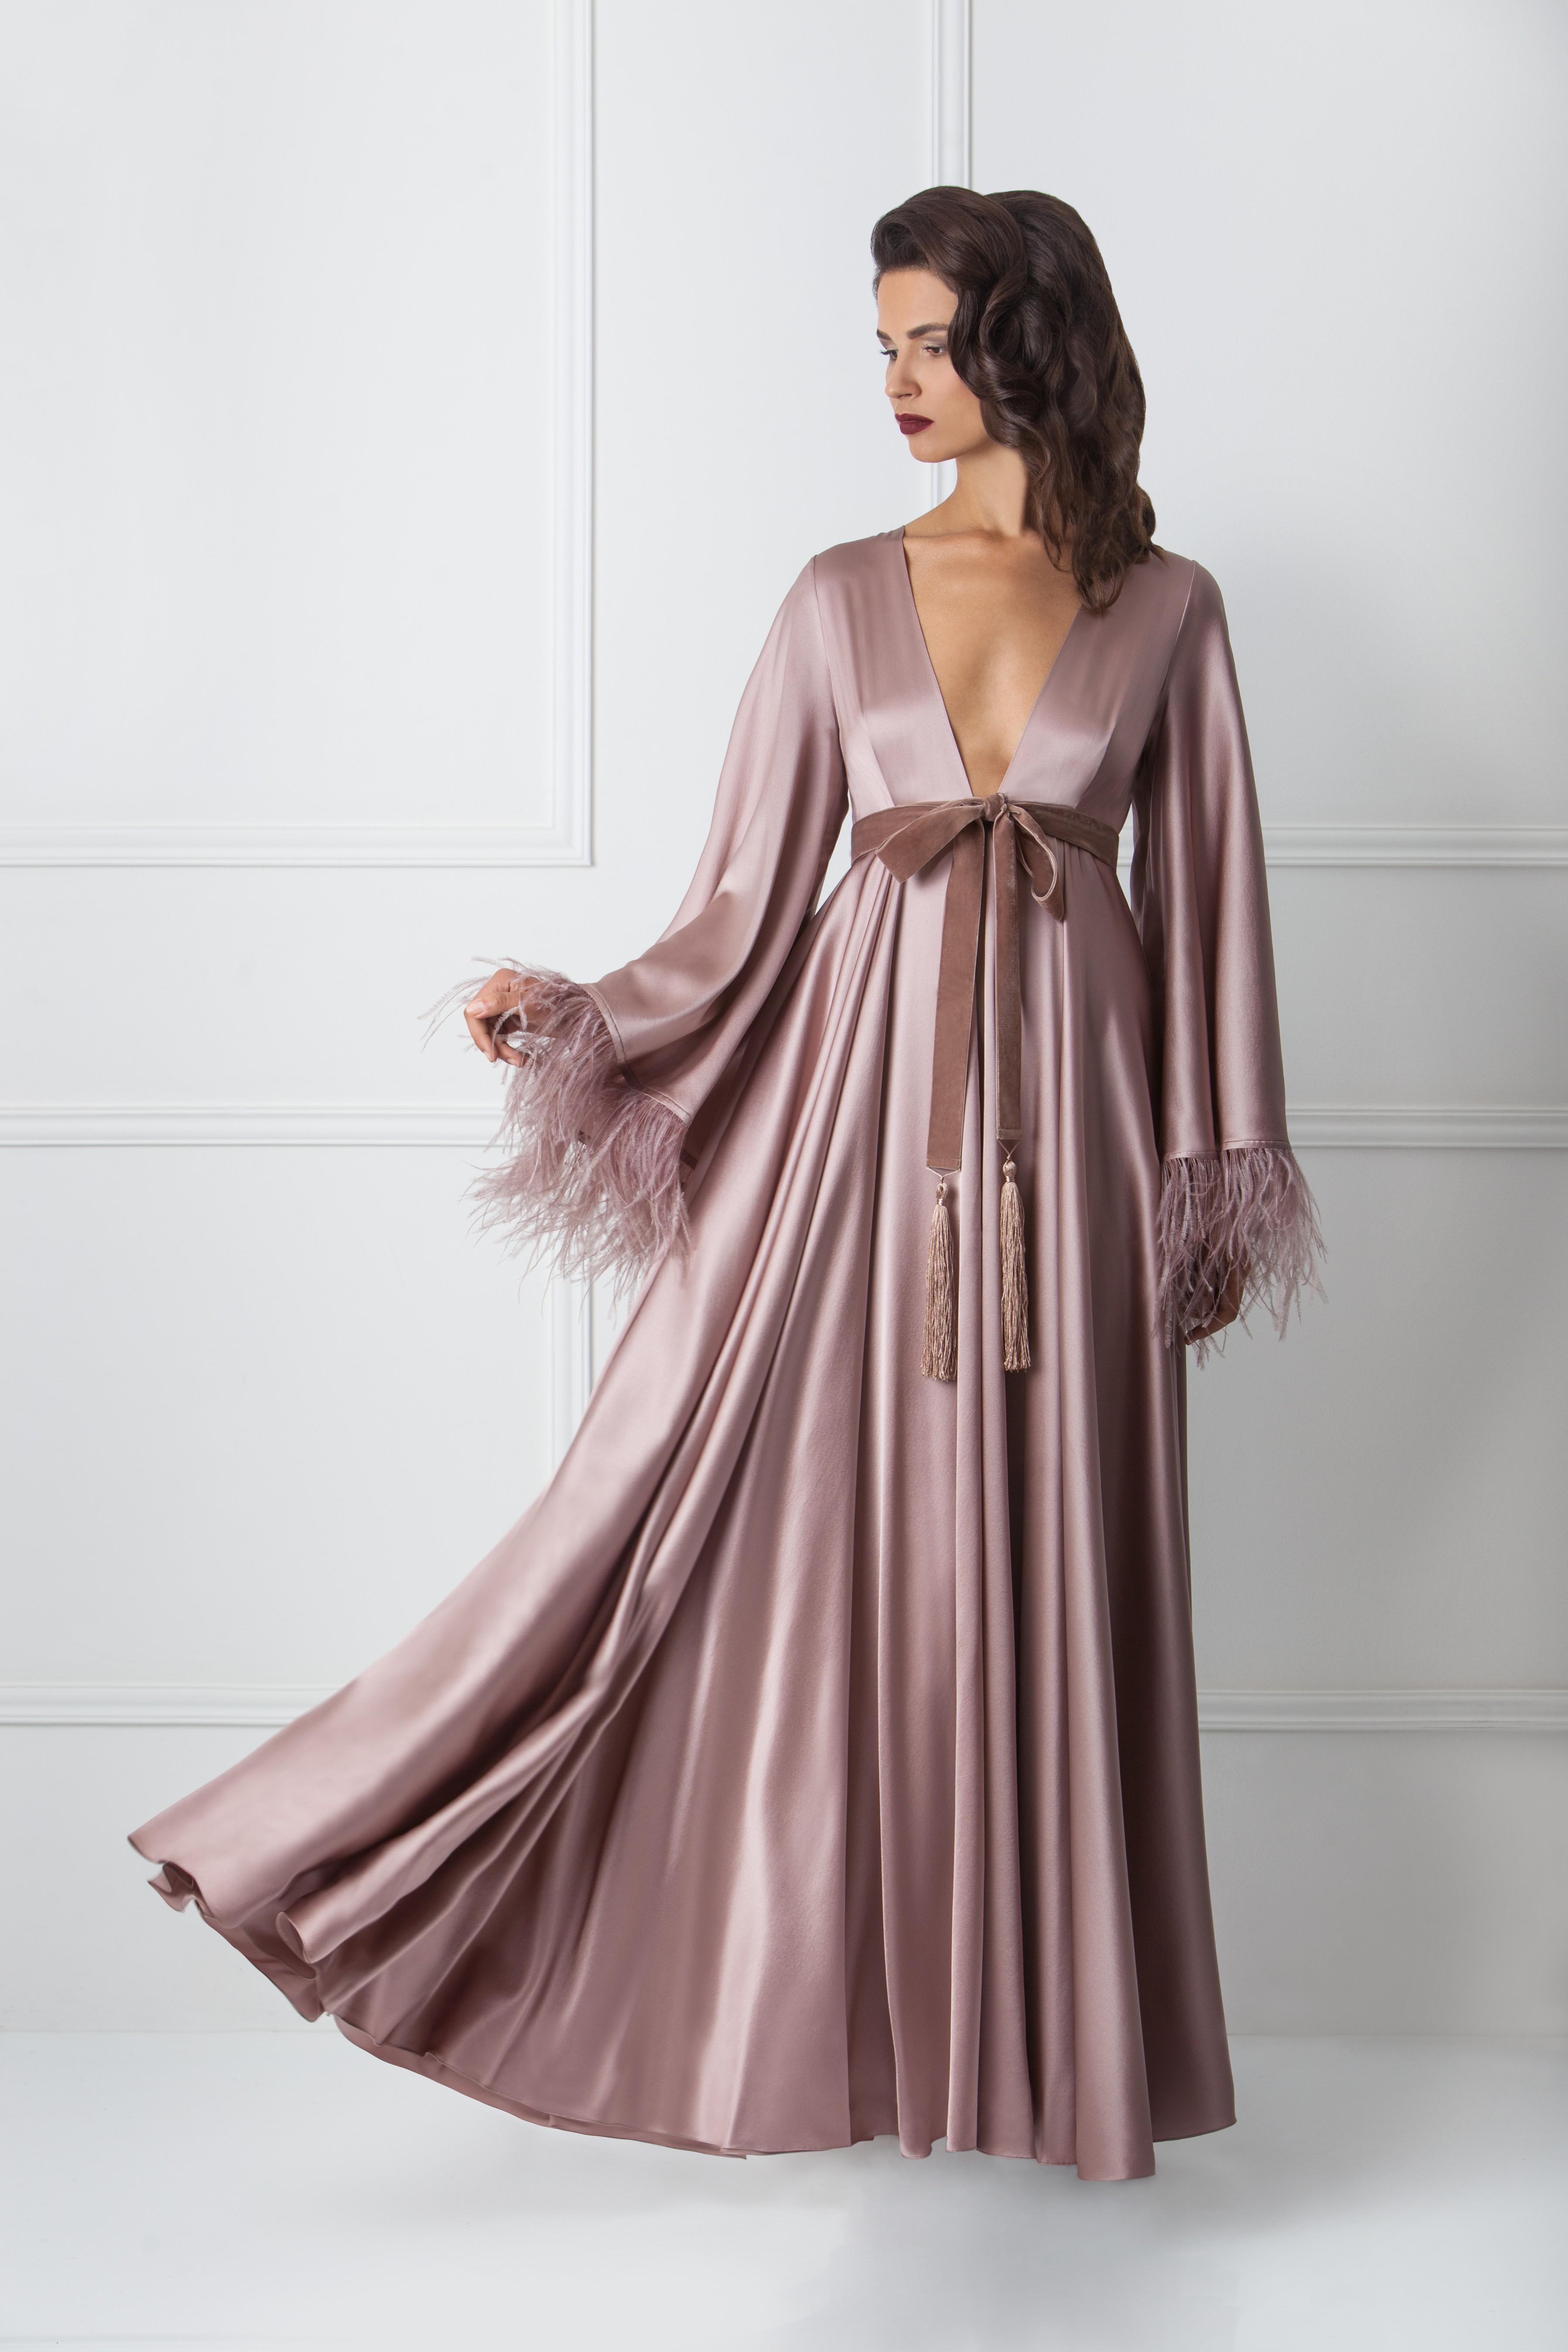 Где искать будуарную одежду со страусиными перьями и перьями марабу. Будуарное платье Fairytale Robe от Amoralle